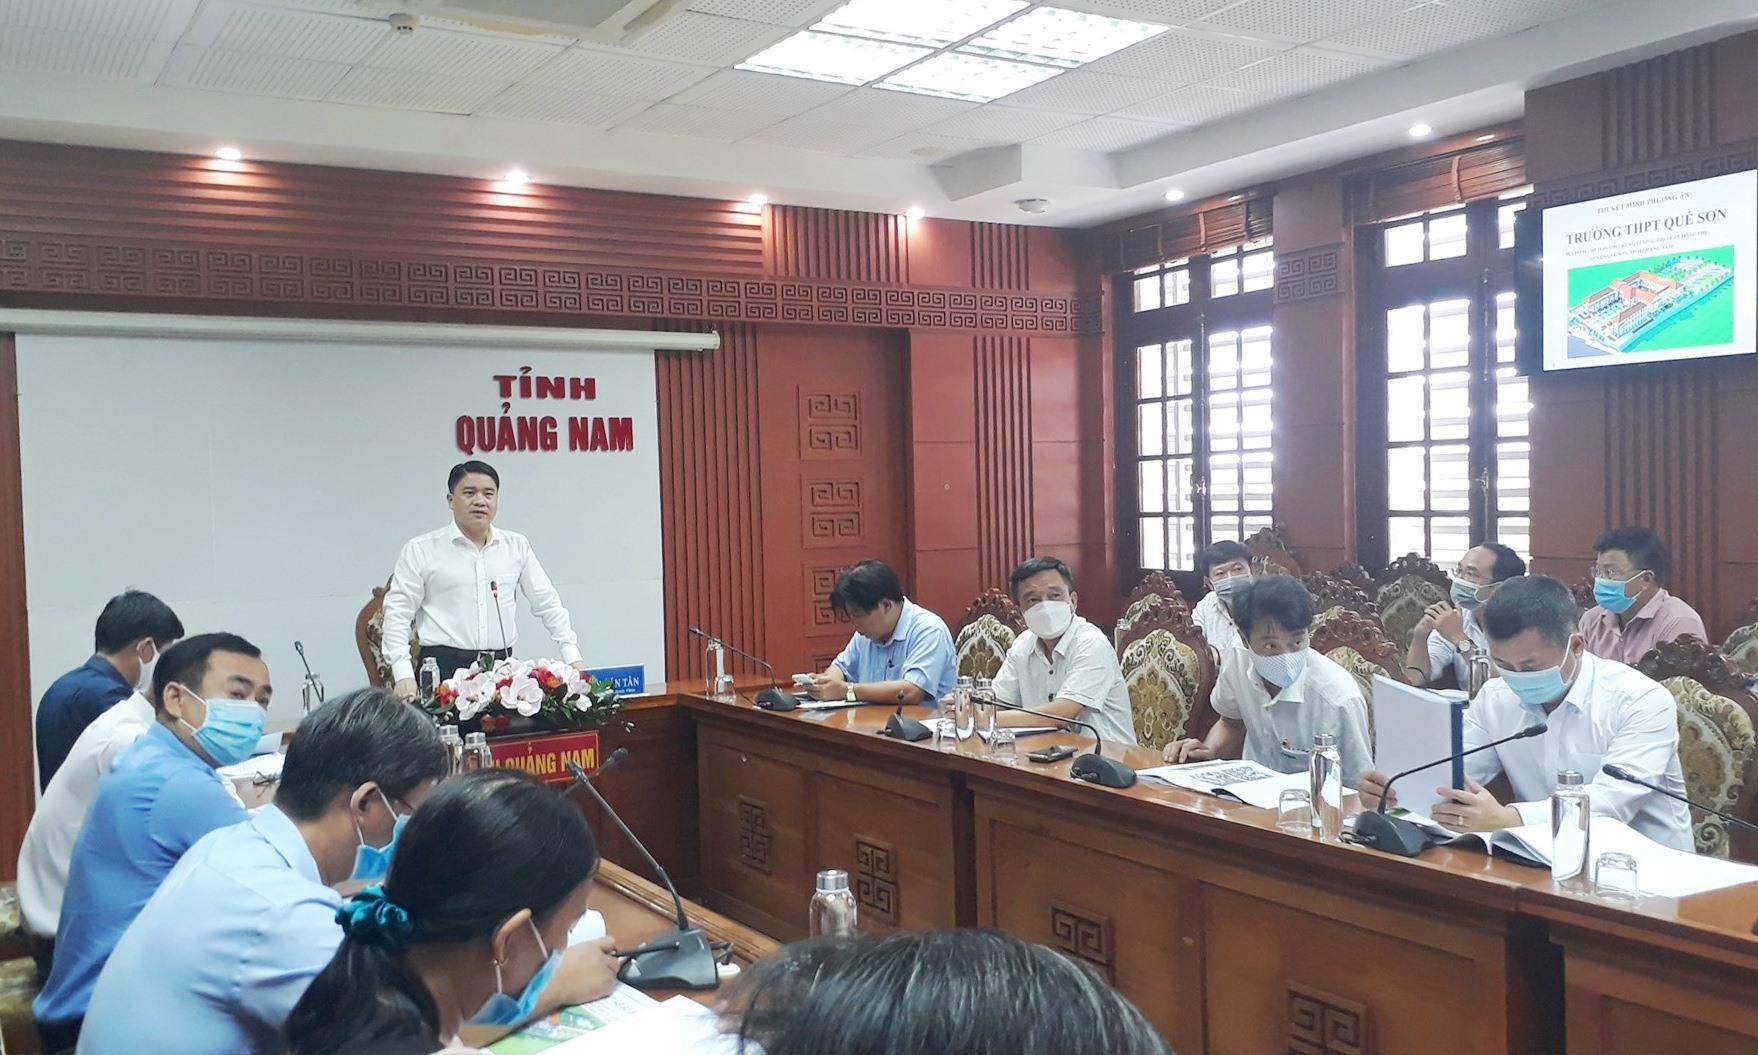 Phó Chủ tịch UBND tỉnh Trần Văn Tân đề nghị đơn vị thiết kế chỉnh sửa và sớm hoàn thiện để trình UBND tỉnh phê duyệt. Ảnh: X.P